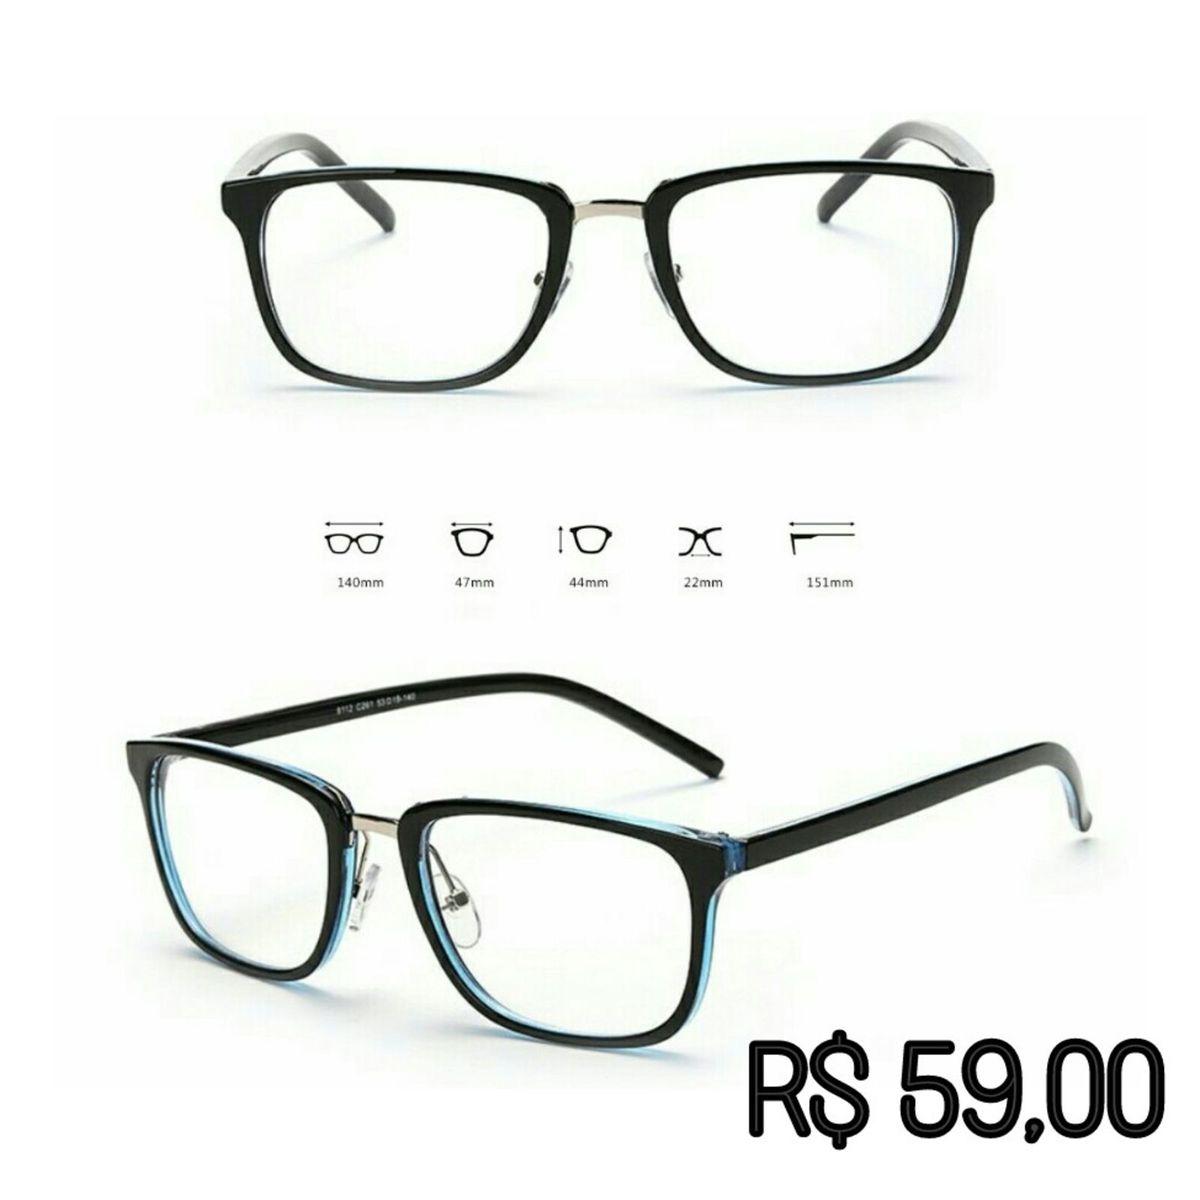 armação óculos nova quadrada - óculos sem marca.  Czm6ly9wag90b3muzw5qb2vplmnvbs5ici9wcm9kdwn0cy80odmzodawlzuzntbhnzgxmjrjnthiowe1nwnlndi1zdhhywyyngjllmpwzw 854a9c829c